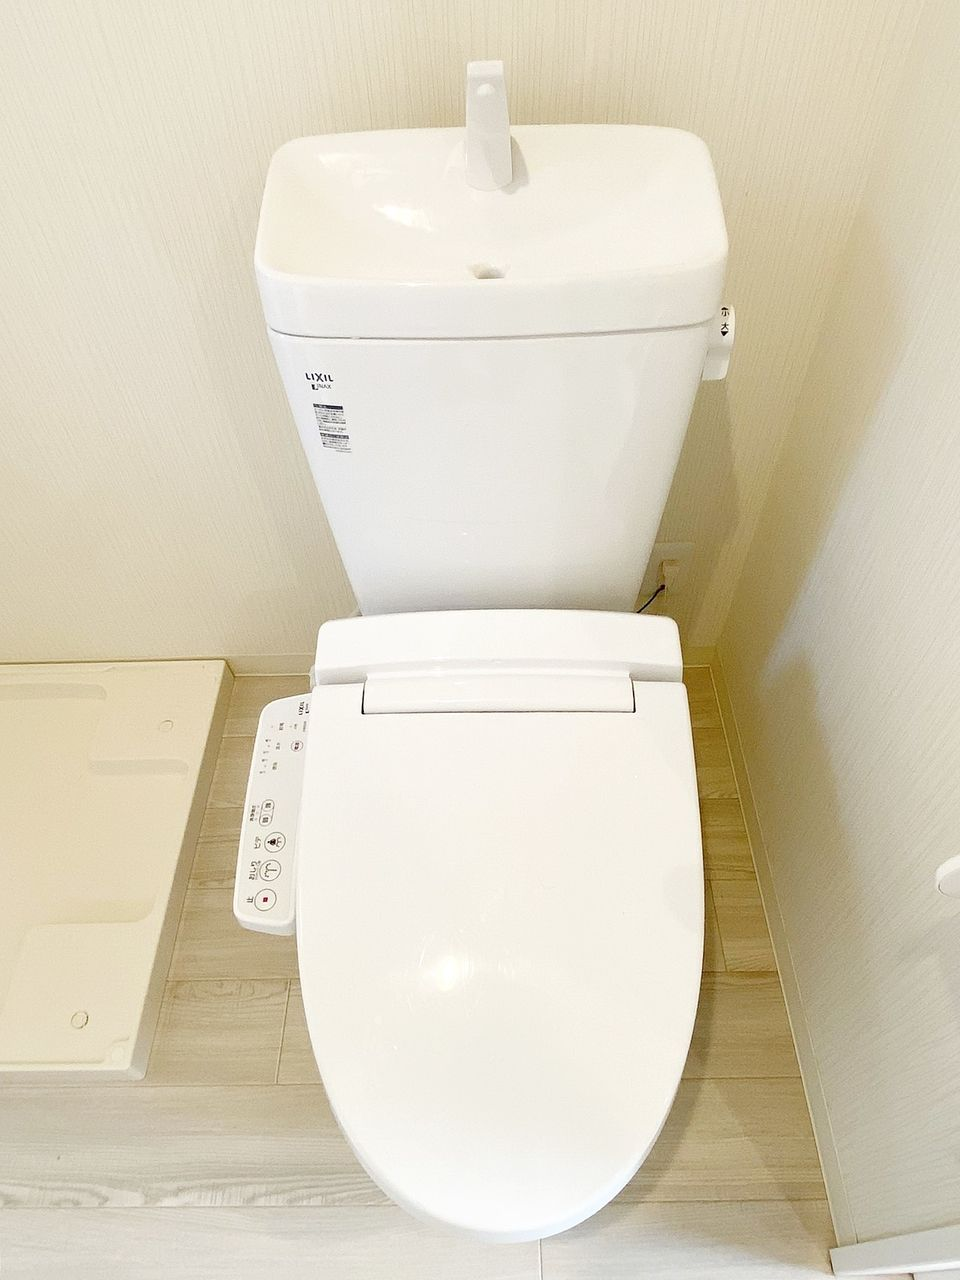 豊島区千早の賃貸マンション オーレ池袋西102号室 脱衣所にトイレあります。ウォシュレットです